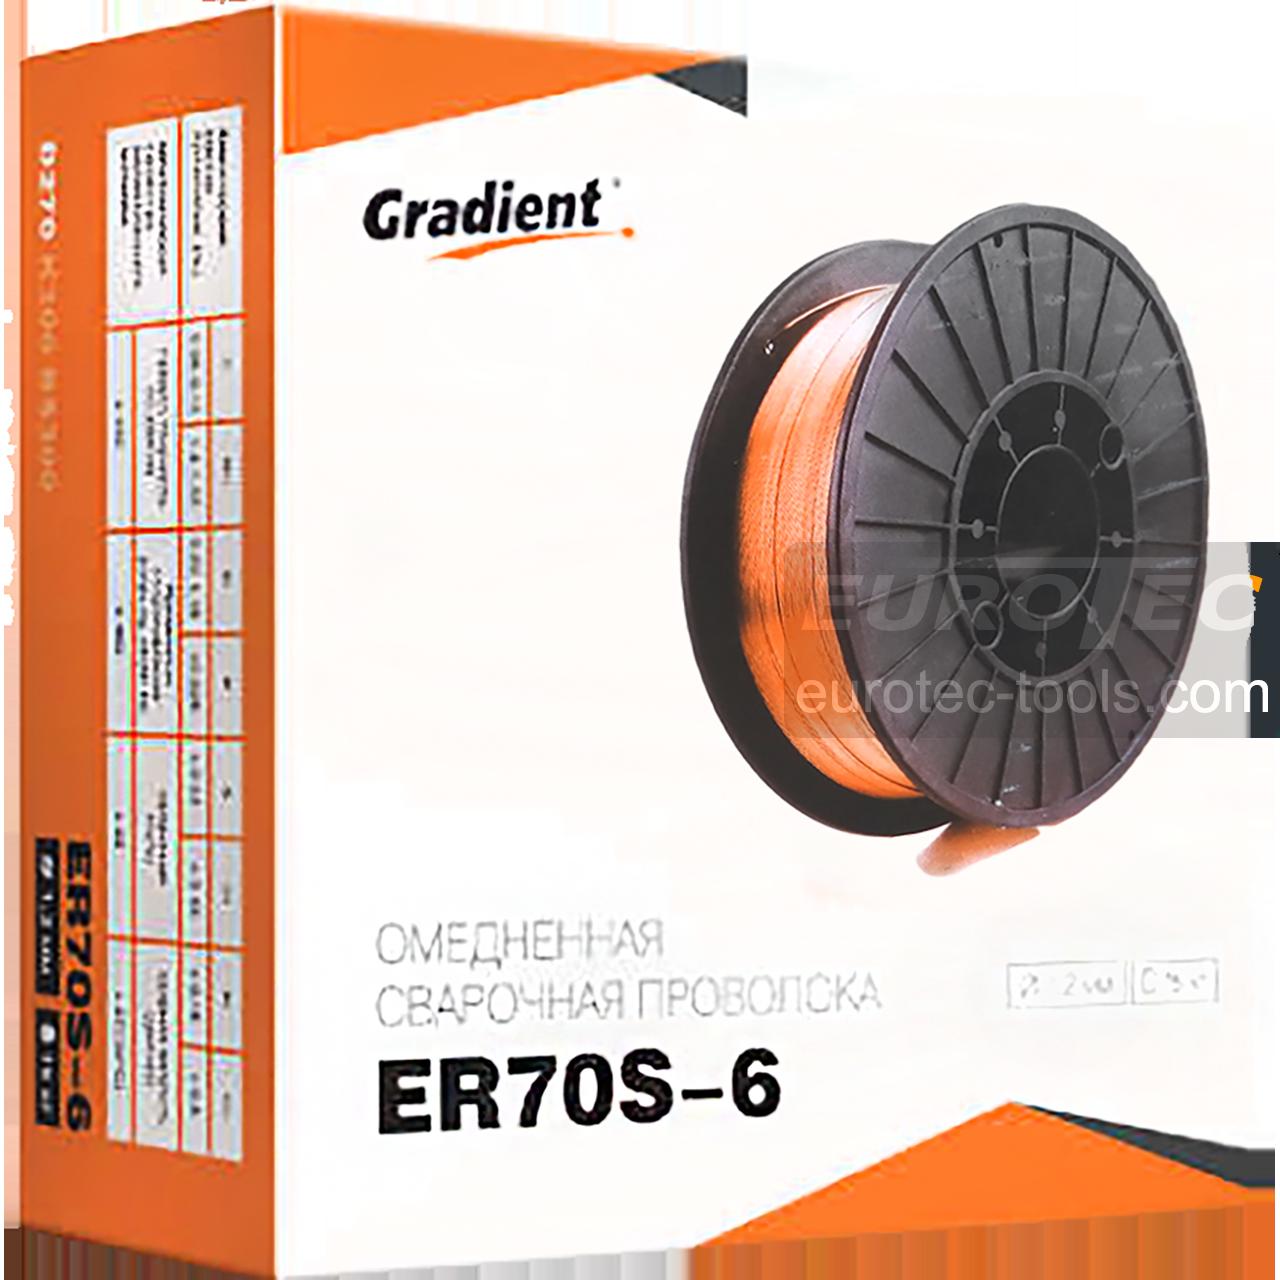 Проволока Св08Г2С / ER70S6, 0.8 мм, 2.5 кг, сварочная проволока омедненная Gradient, проволока для сварки